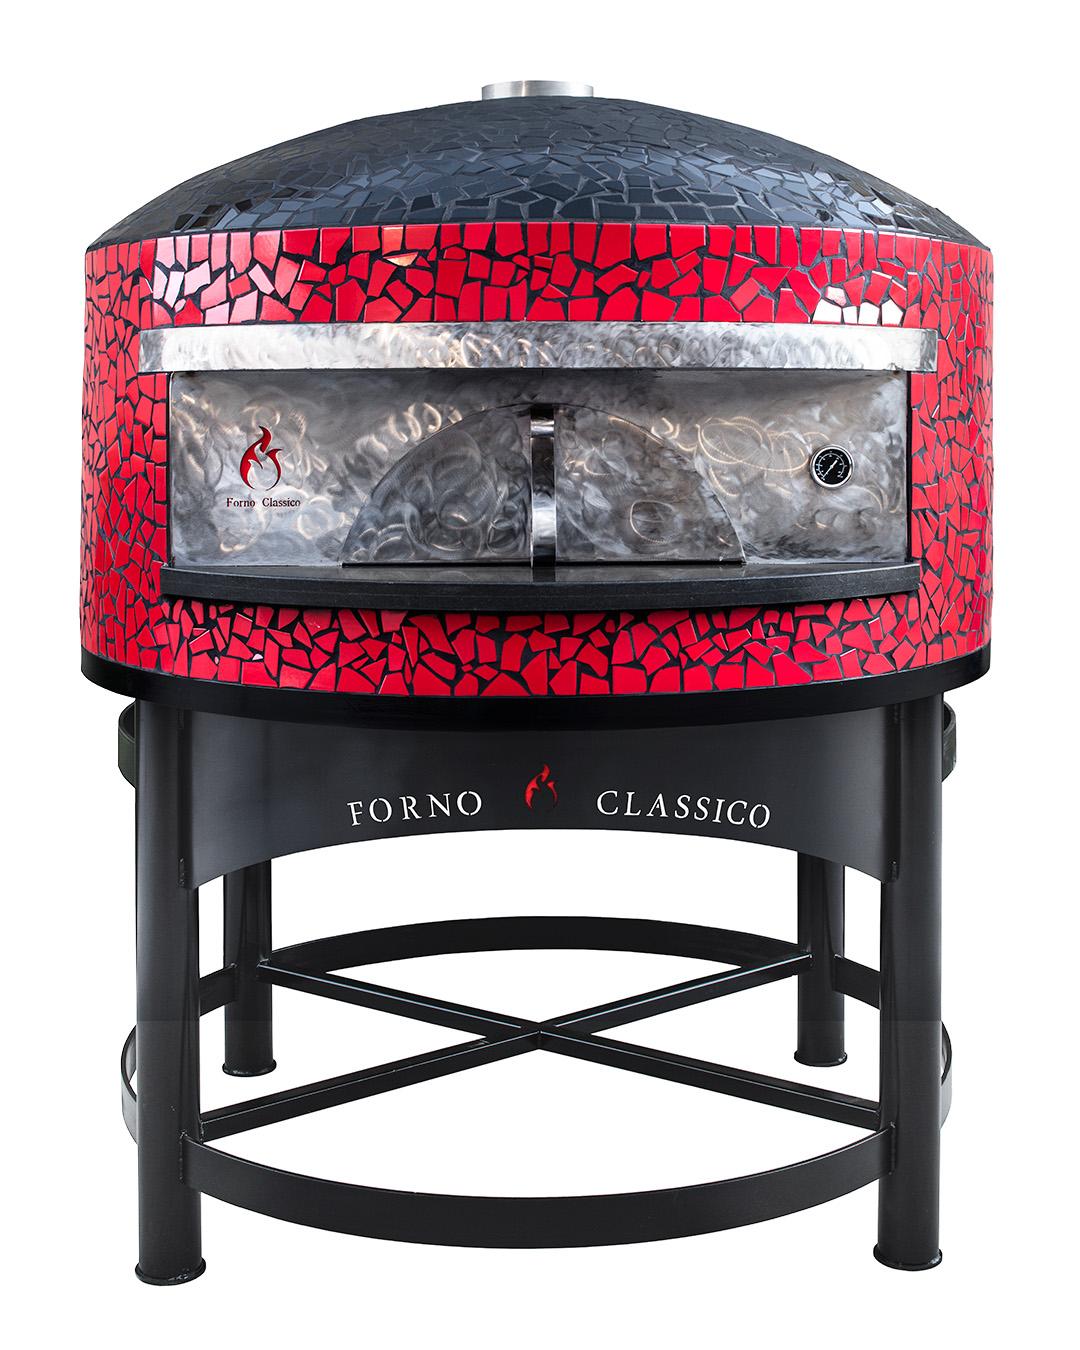 Forno Classico oven photography